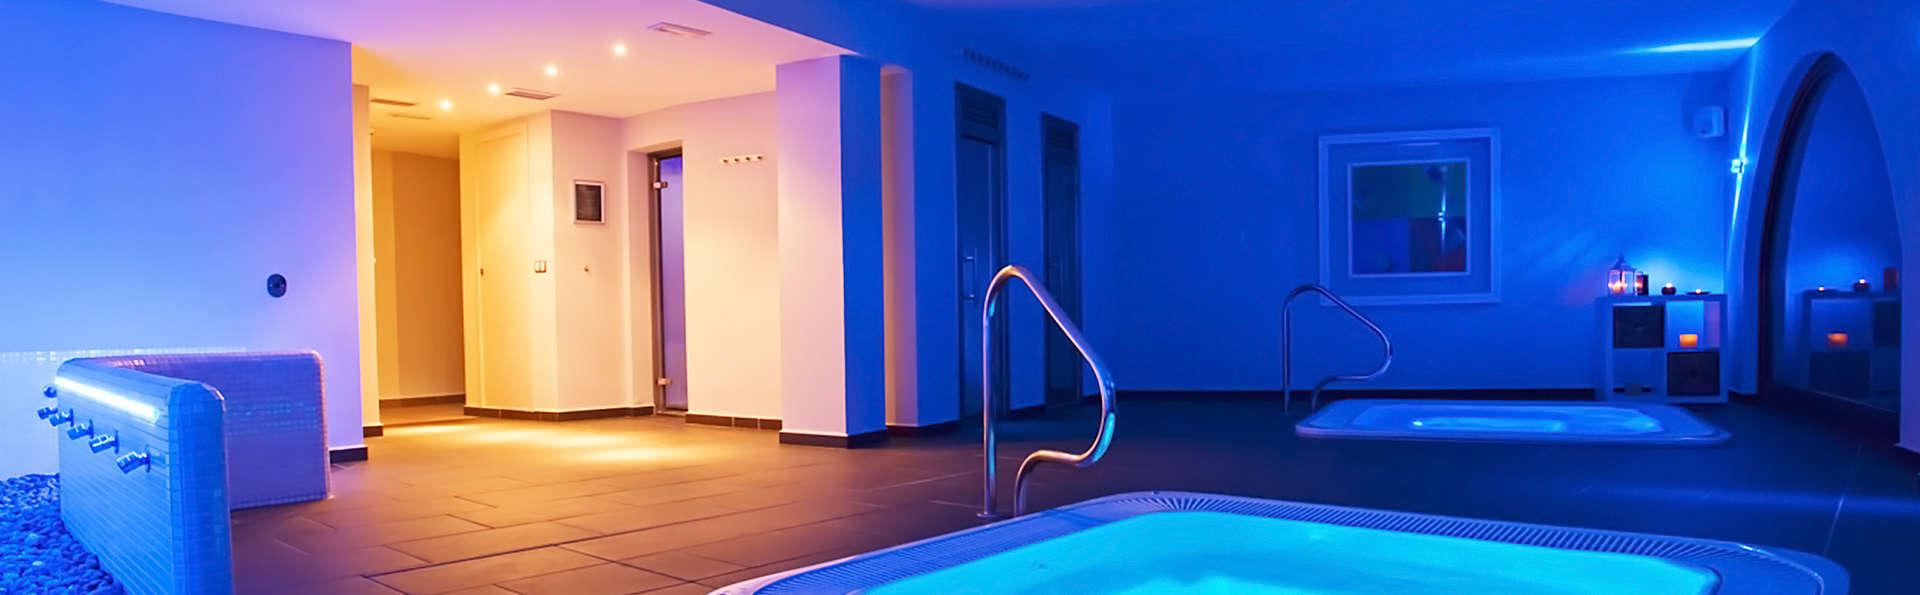 Romanticismo en acción: acceso al spa y media pensión incluida